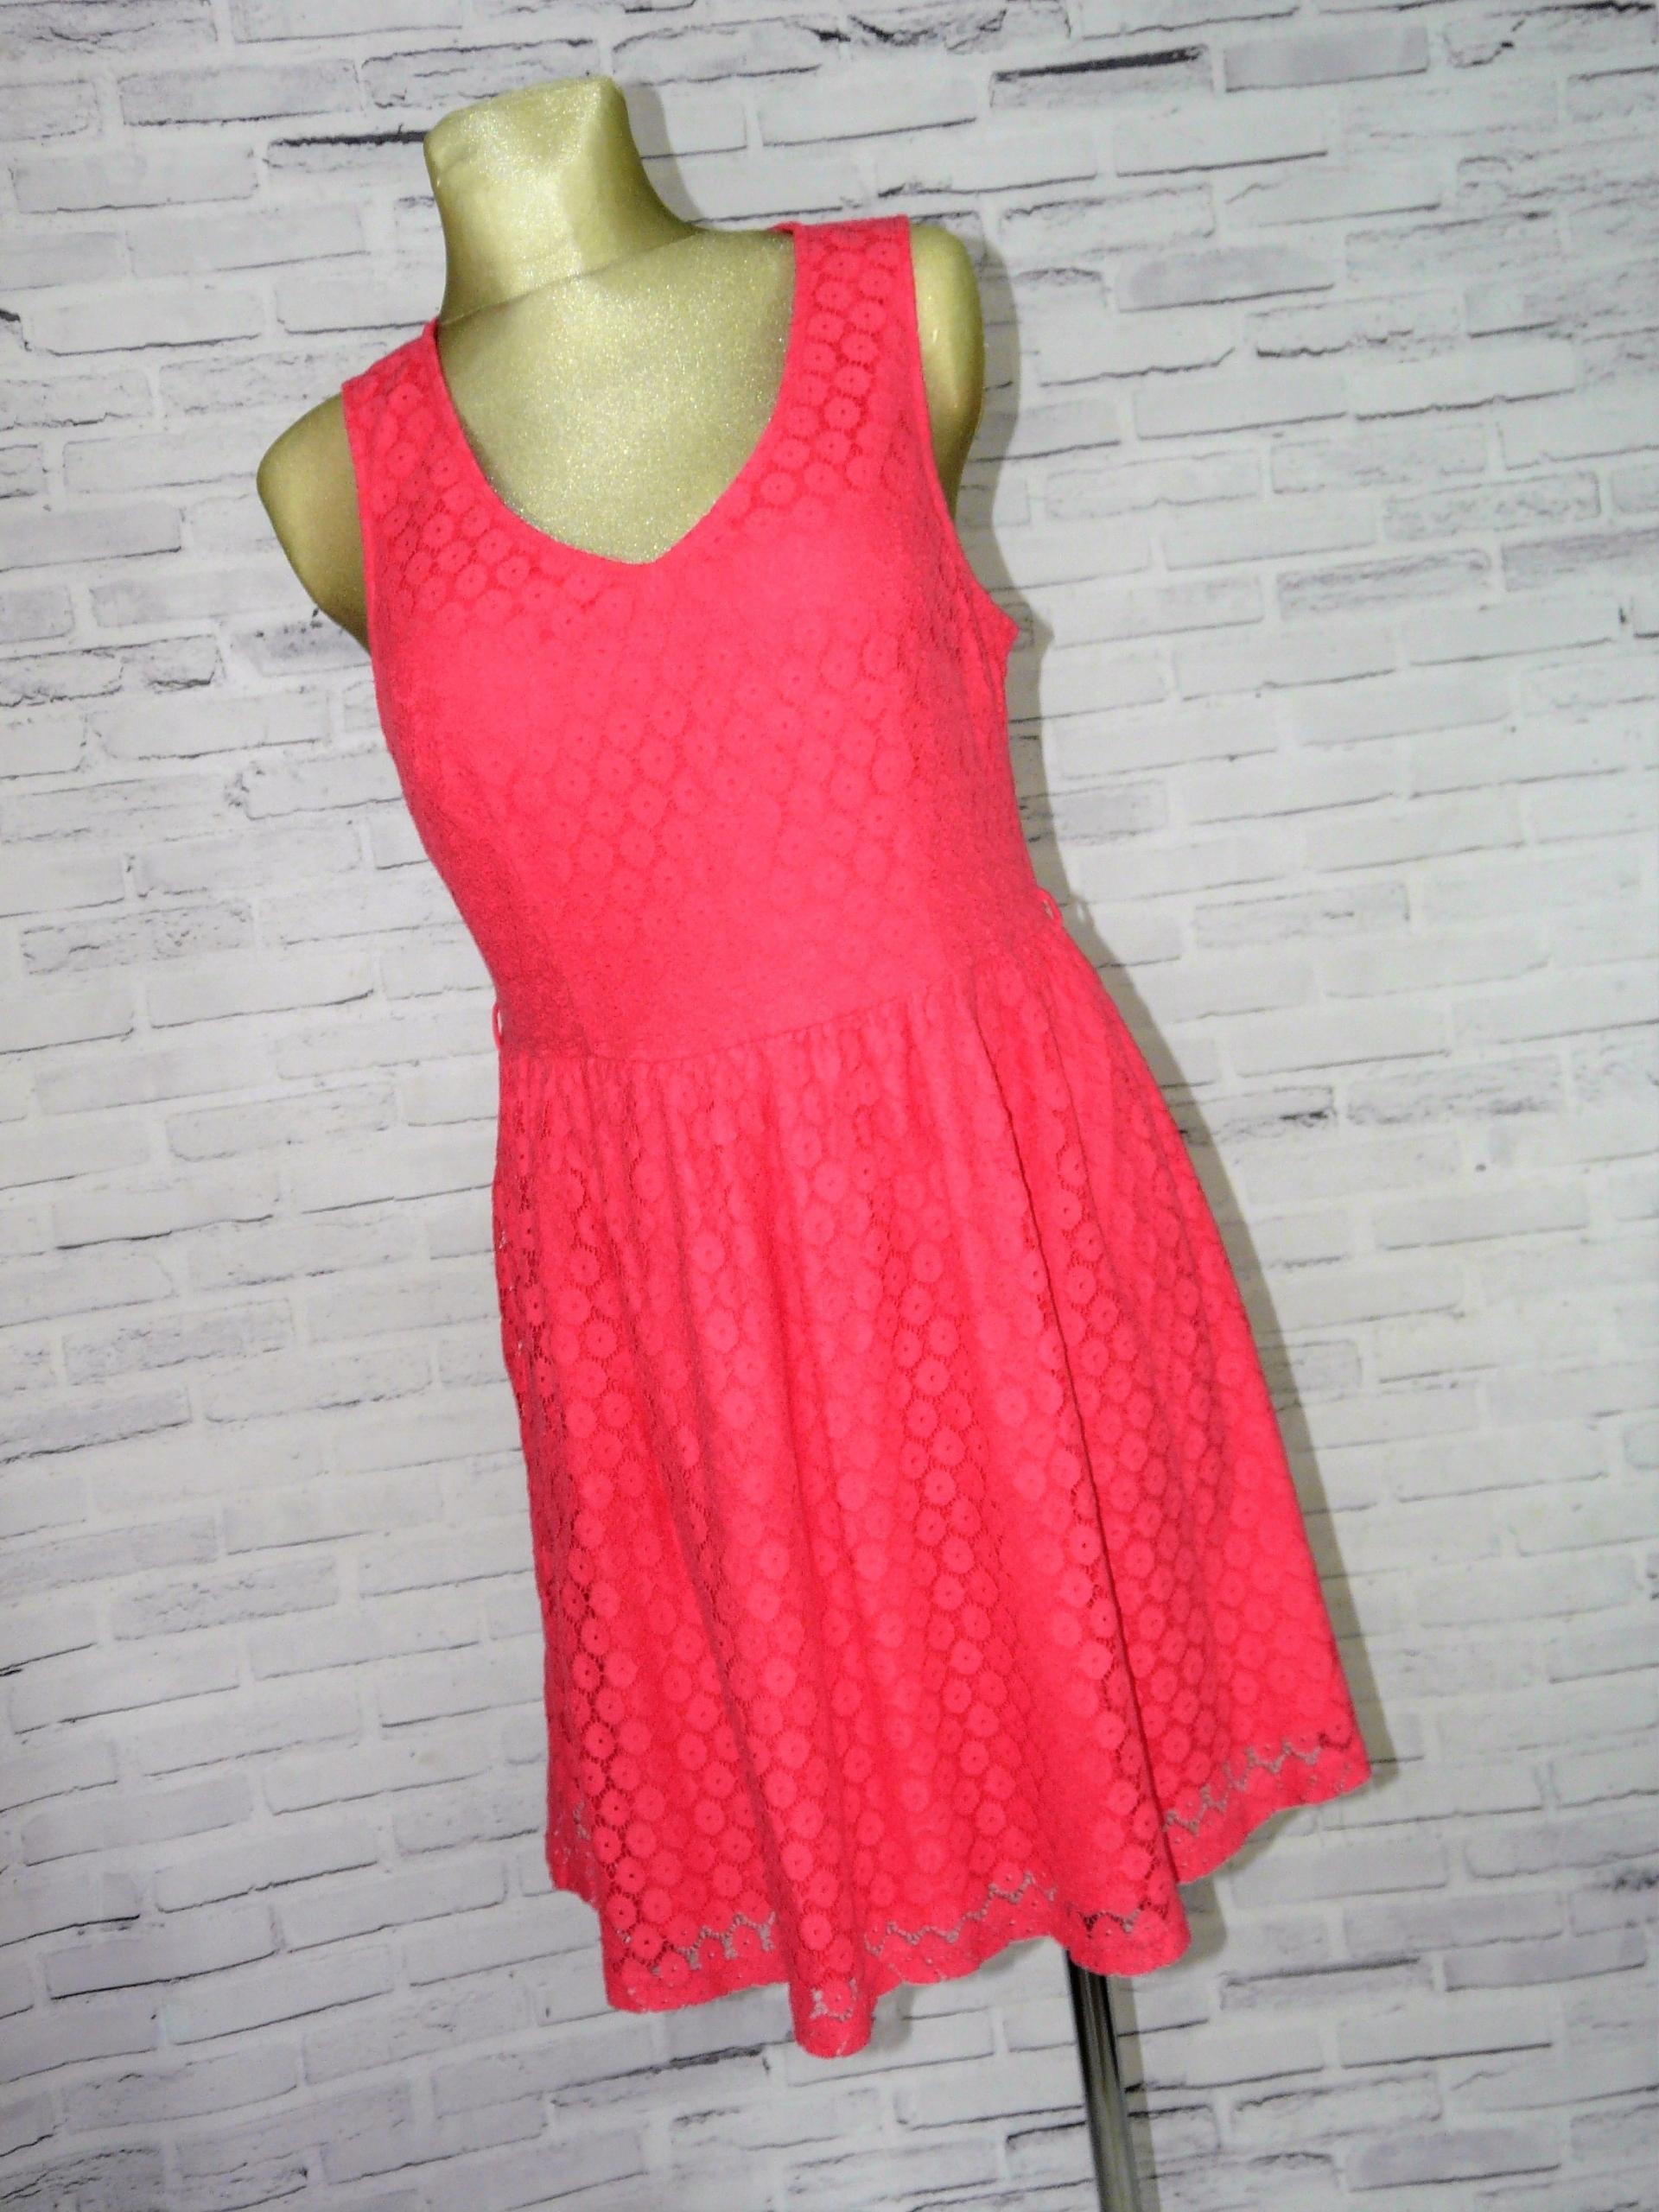 d781f08269 NEW LOOK rózowa koronkowa sukienka 42 - 7553399515 - oficjalne ...